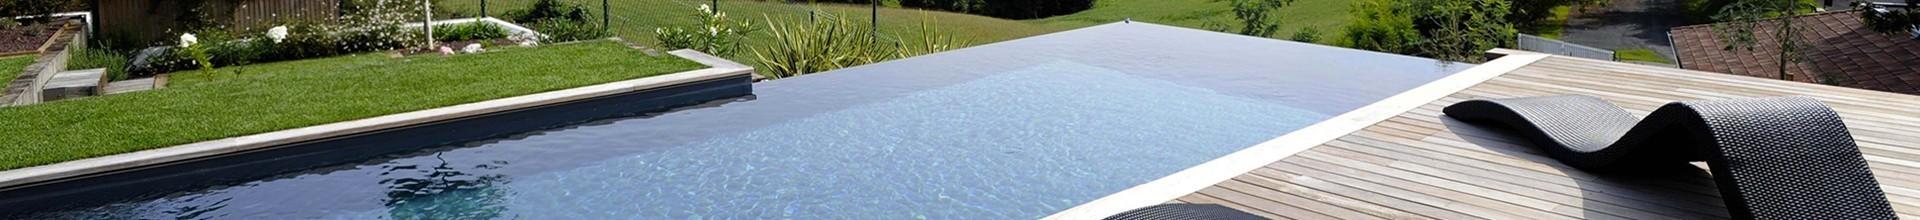 ✅  Auvergne Rhône Fabricant d'une piscine révolutionnaire et innovante